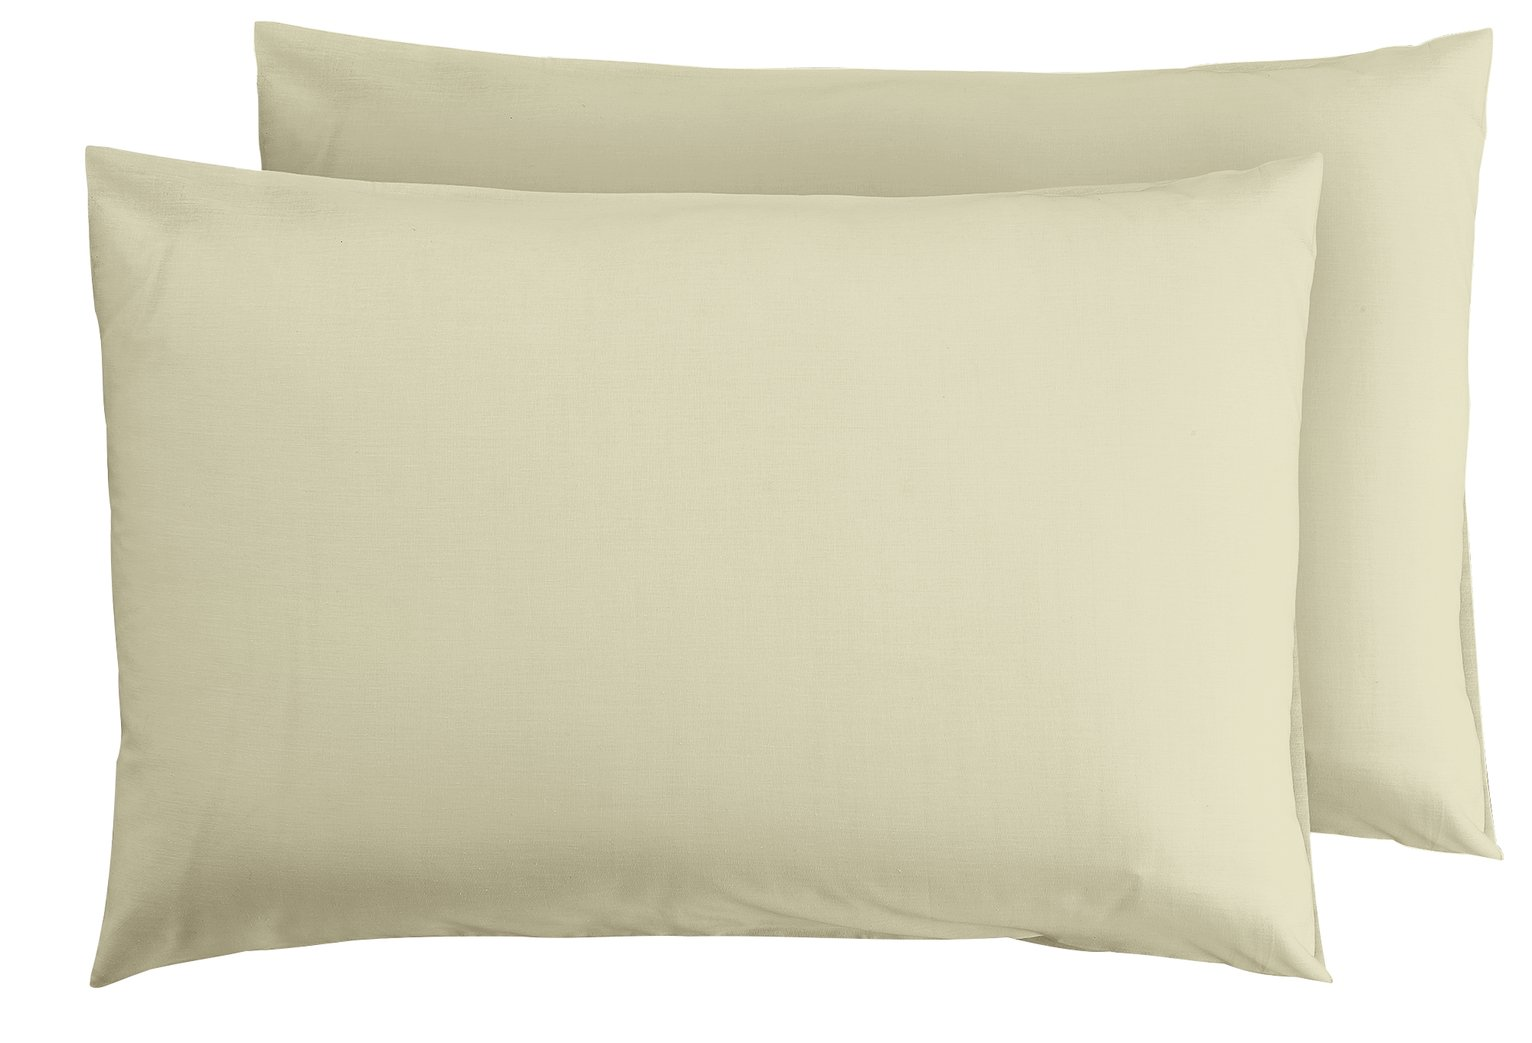 Argos Home Standard Pillowcase Pair